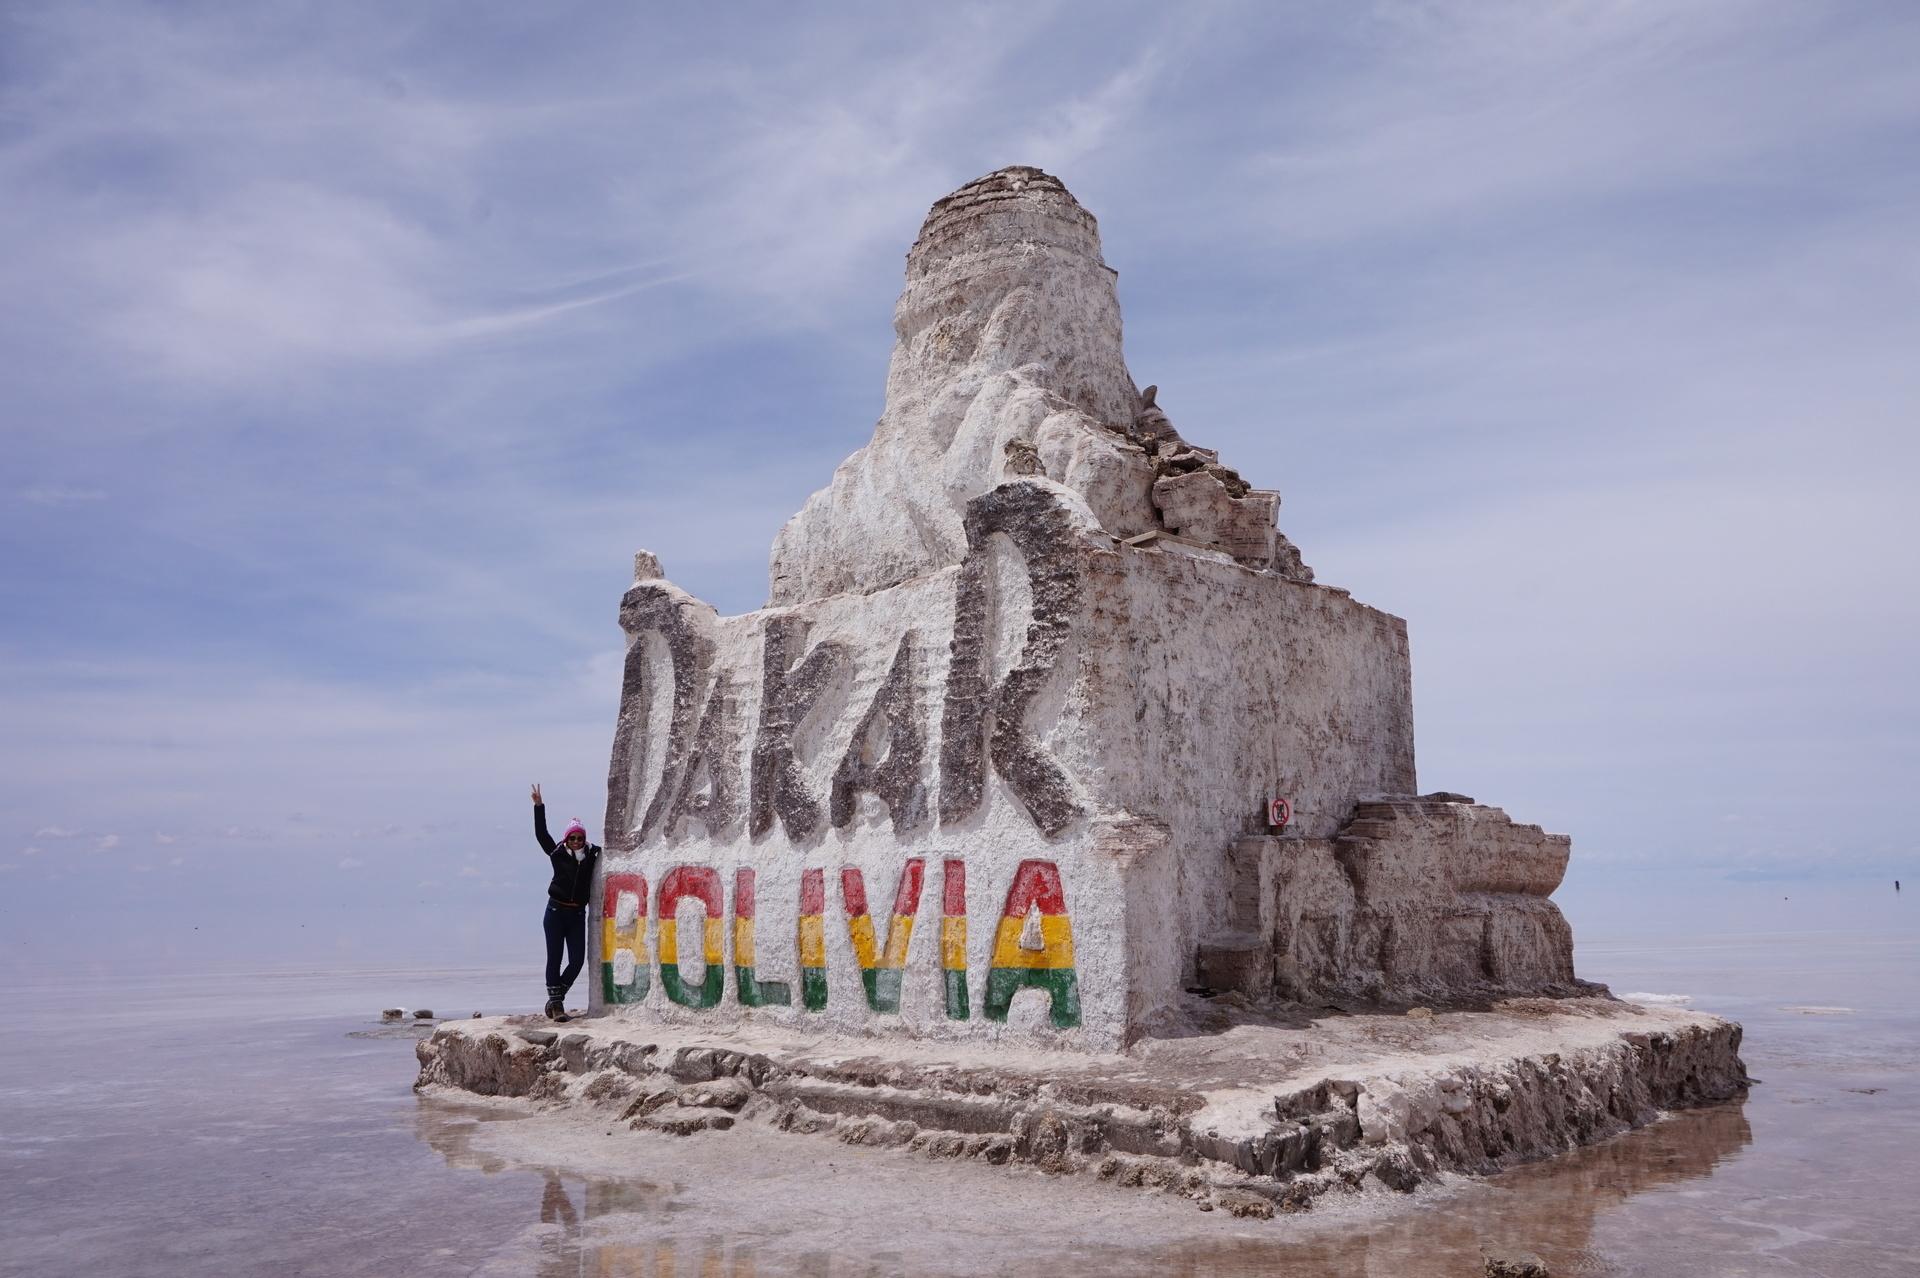 チリ ボリビア ウユニ旅行 2泊3日ツアー 塩の石像